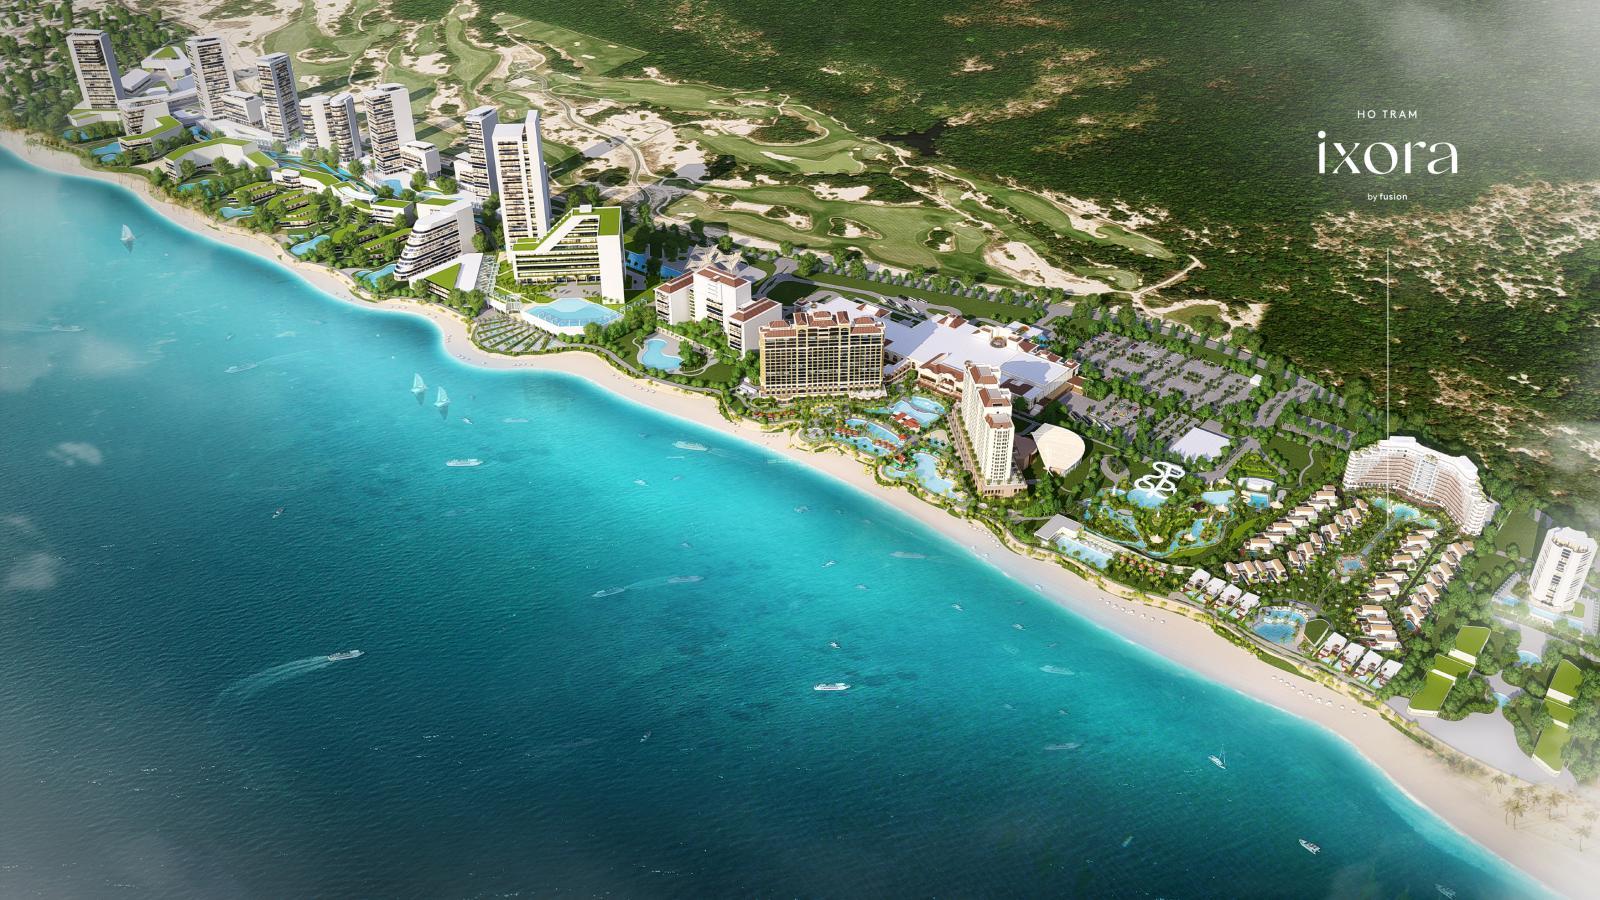 phối cảnh dự án nghỉ dưỡng ven biển